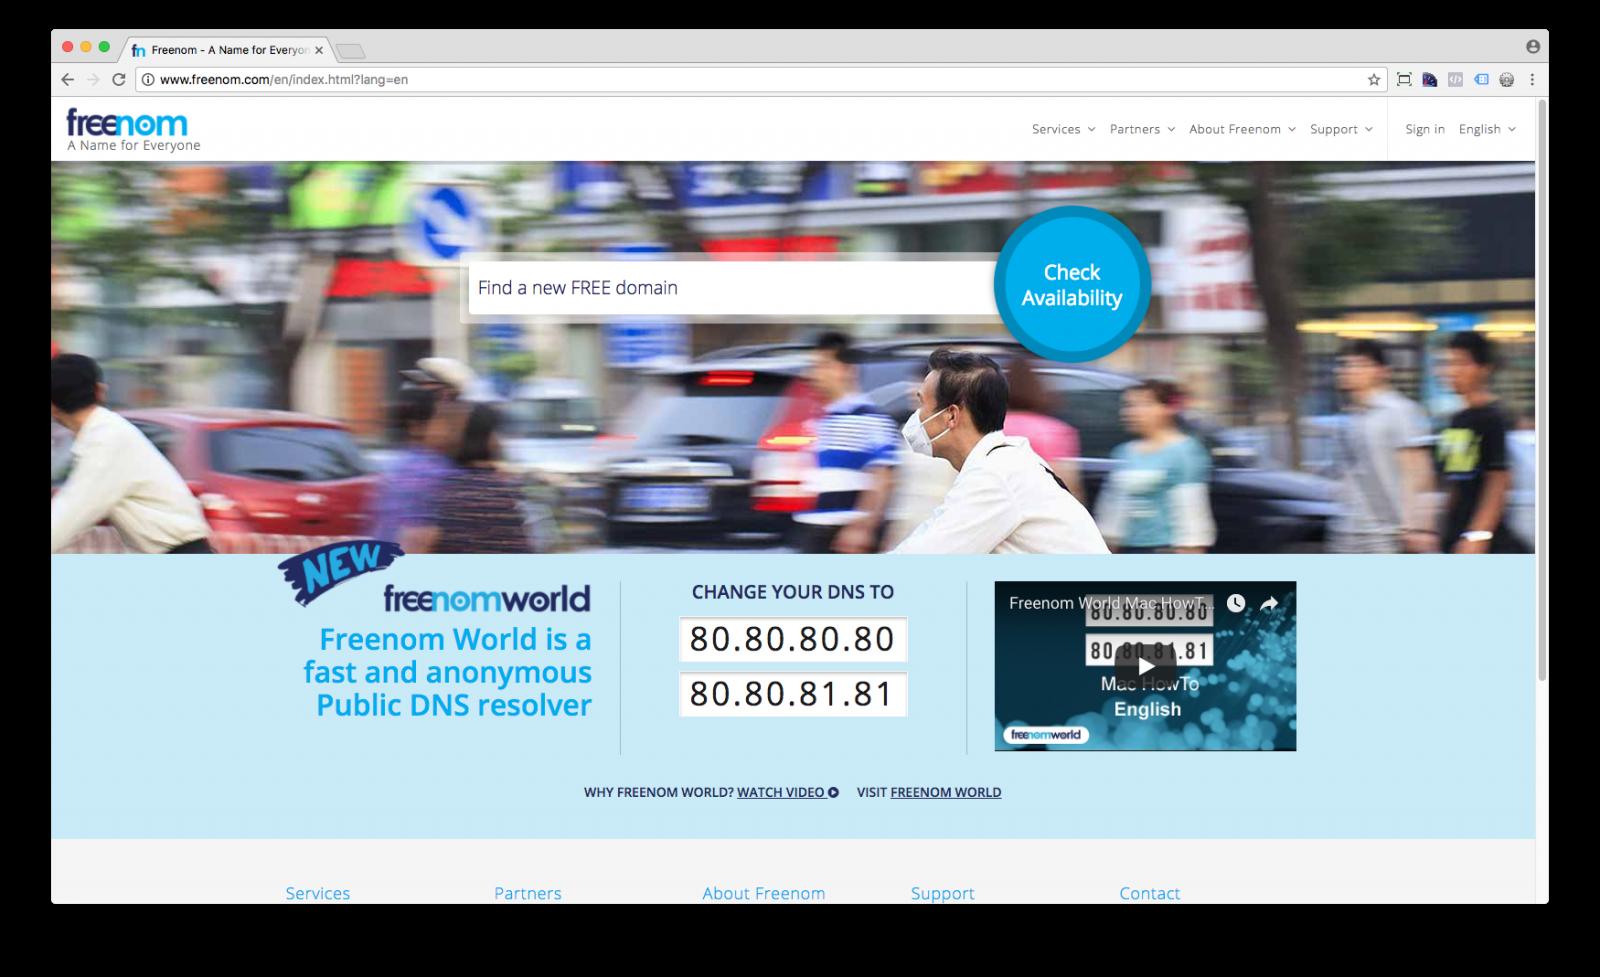 Como registrar um domínio grátis para apresentar sites e campanhas